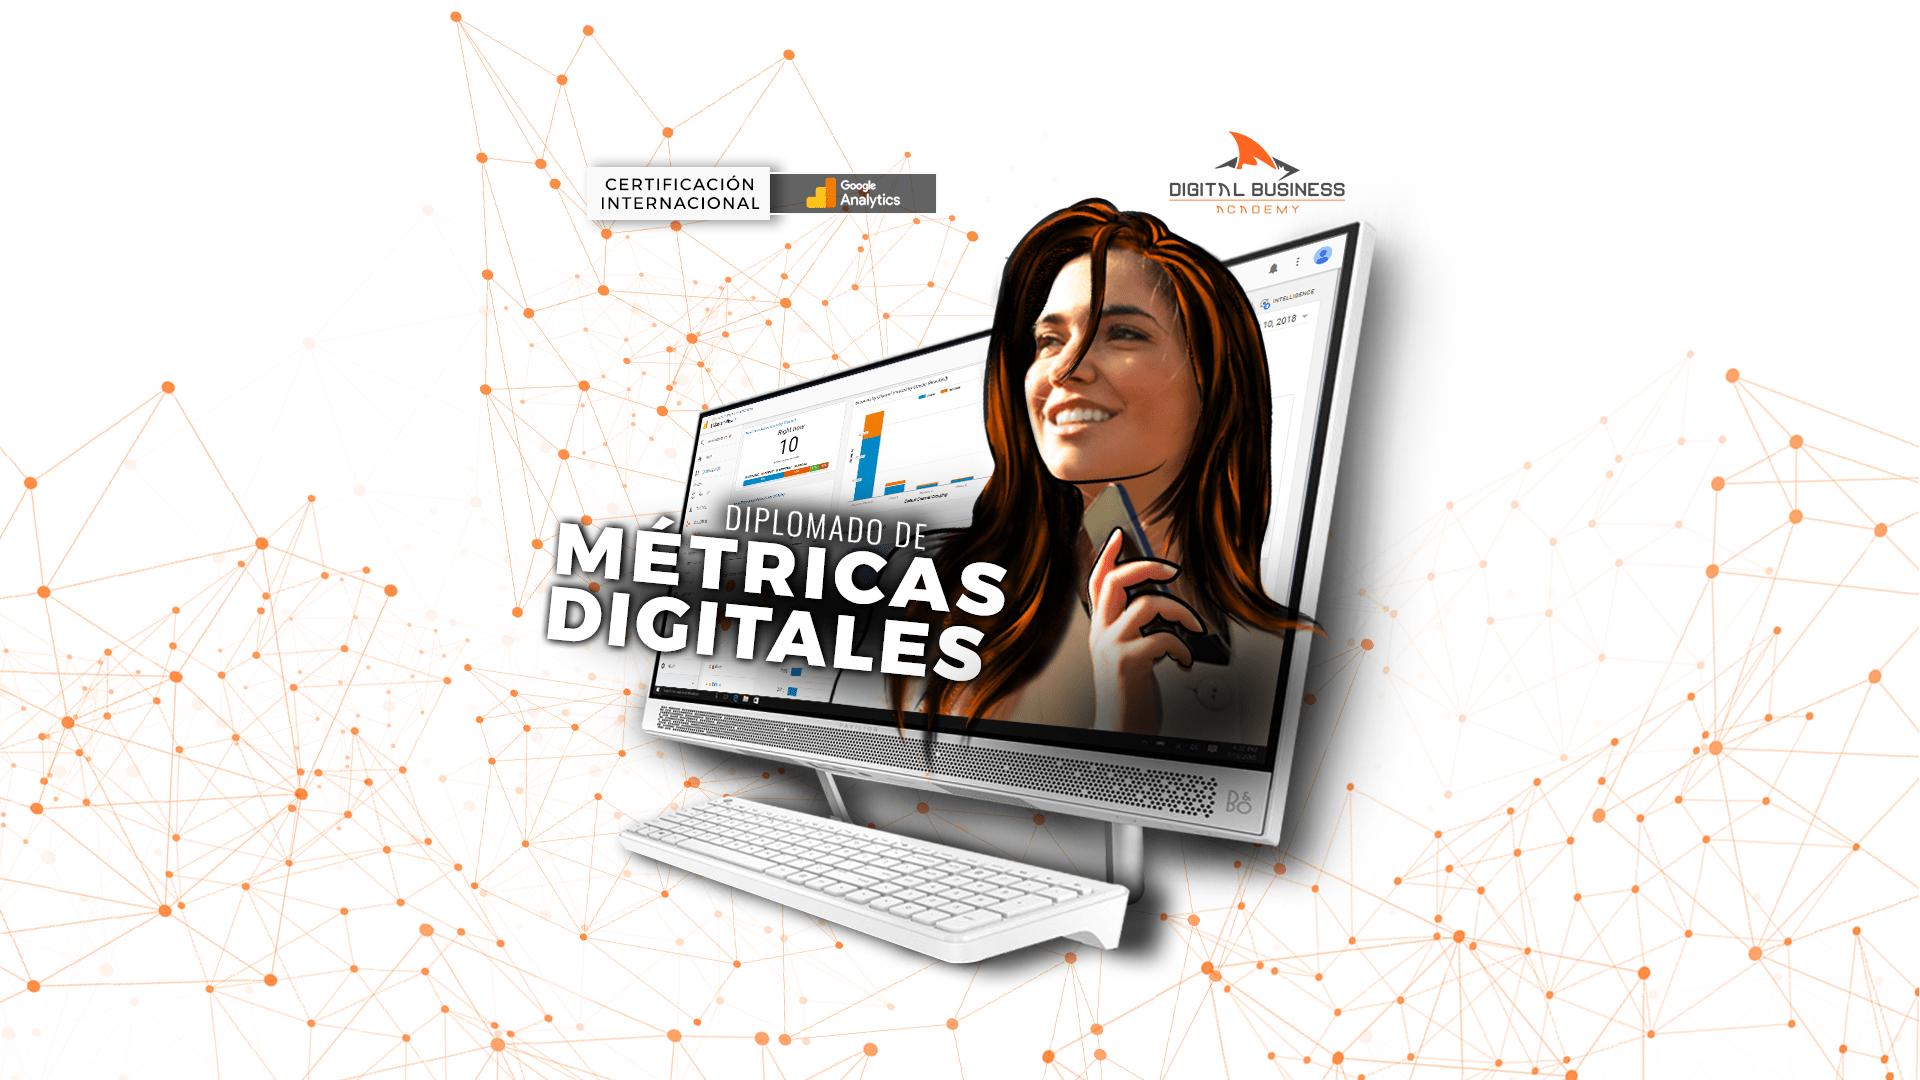 metricas-digitales-marketing